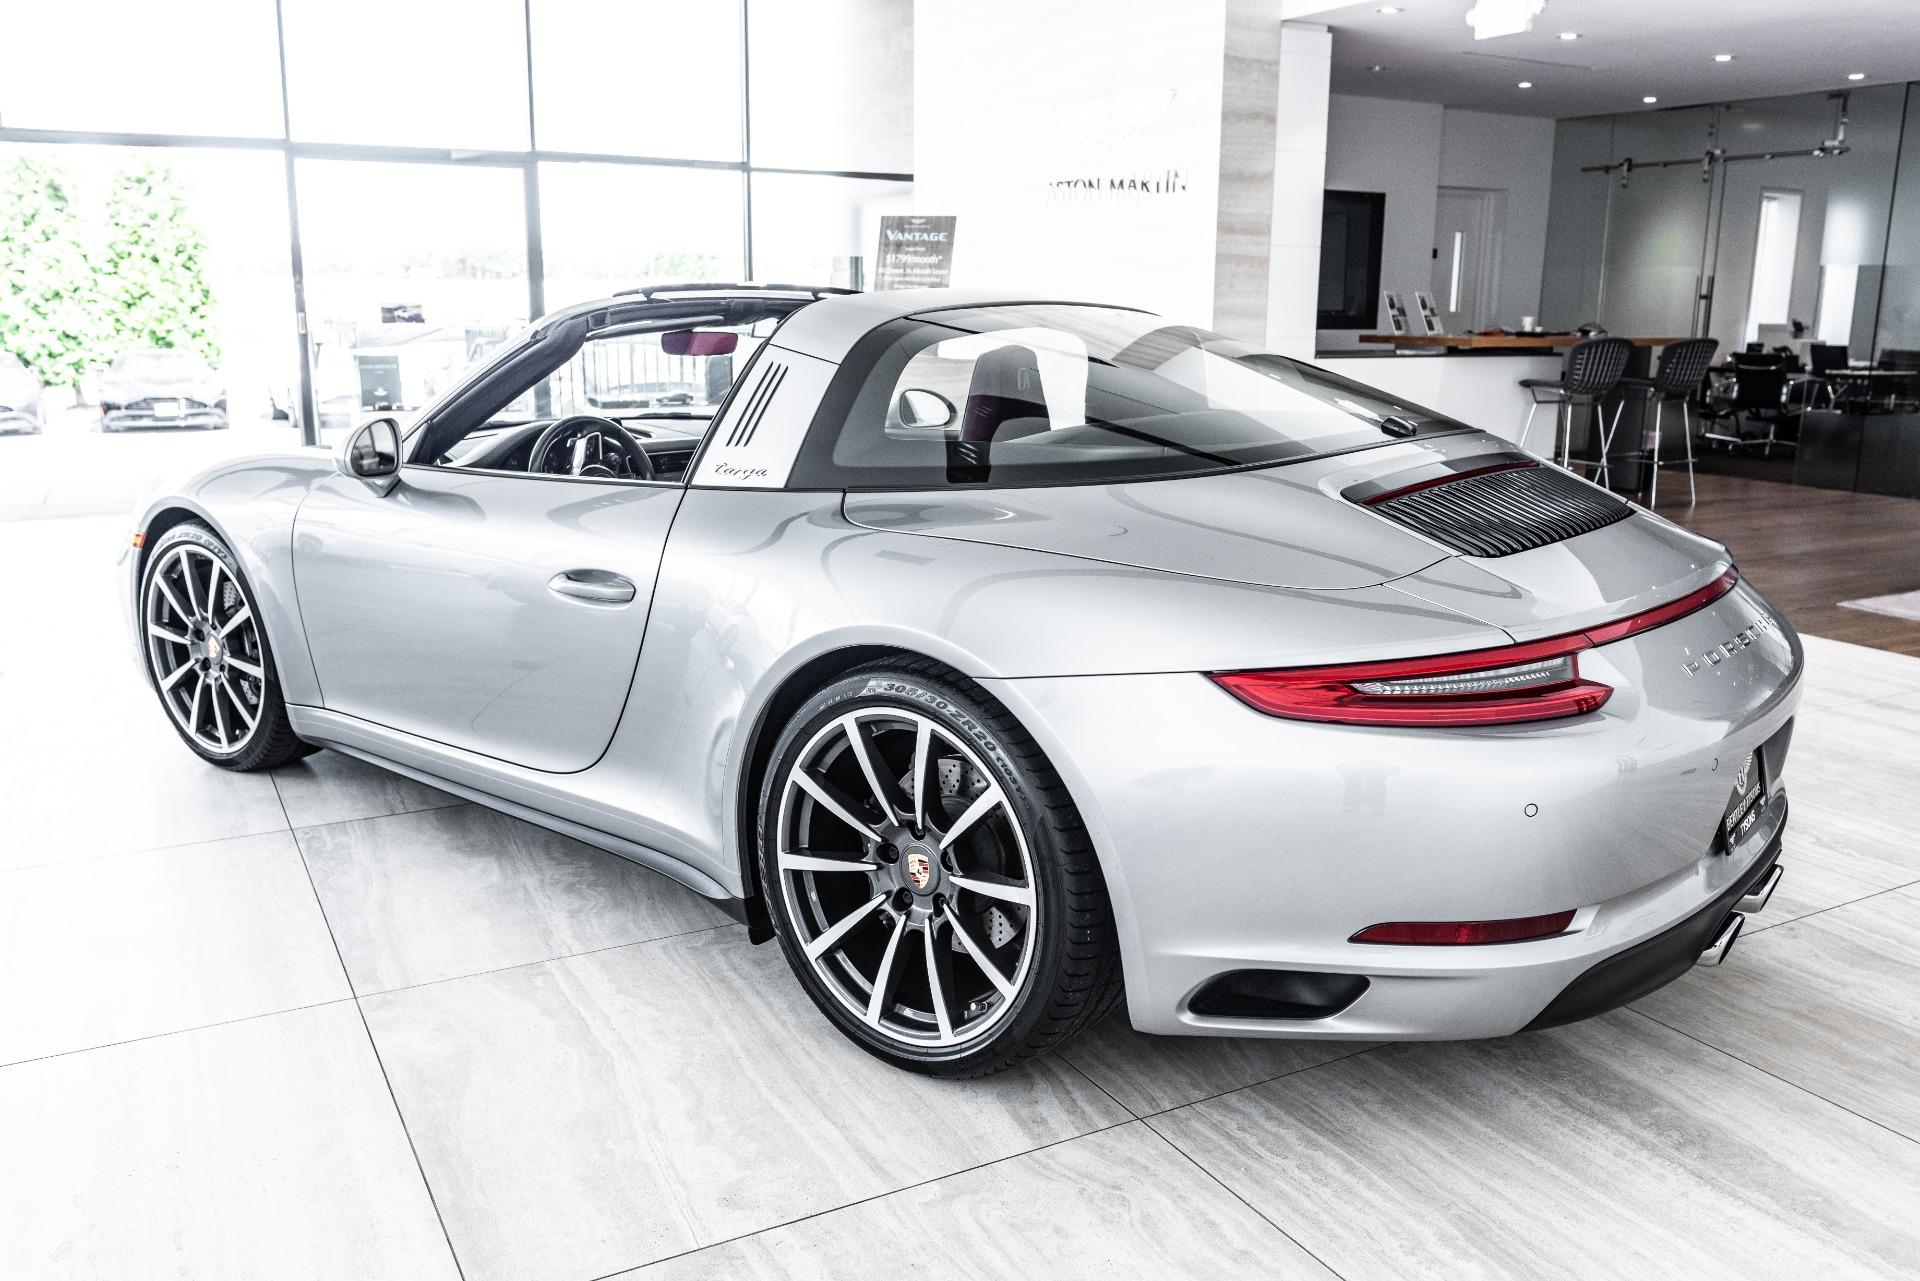 Porsche 911 Lease Special >> 2017 Porsche 911 Targa 4 Stock # P132129 for sale near Vienna, VA | VA Porsche Dealer